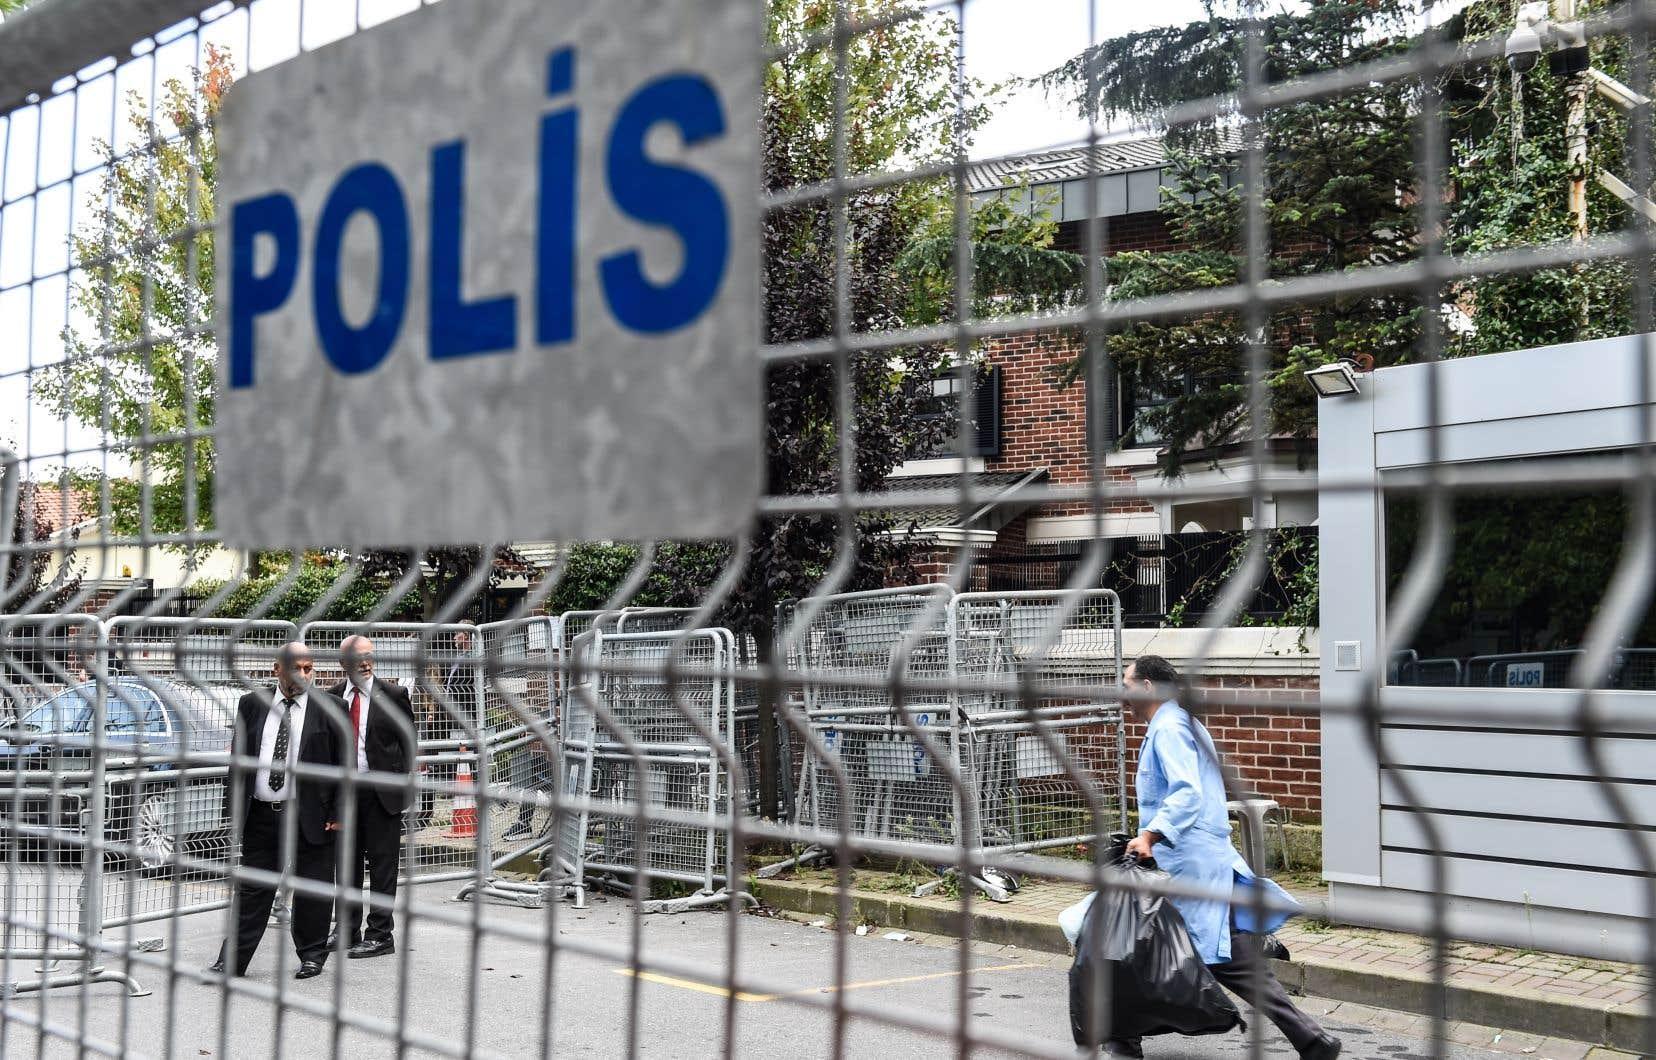 D'importants éléments de preuve ont été découverts par la police dans le consulat saoudien, selon un responsable turc cité par l'Associated Press.